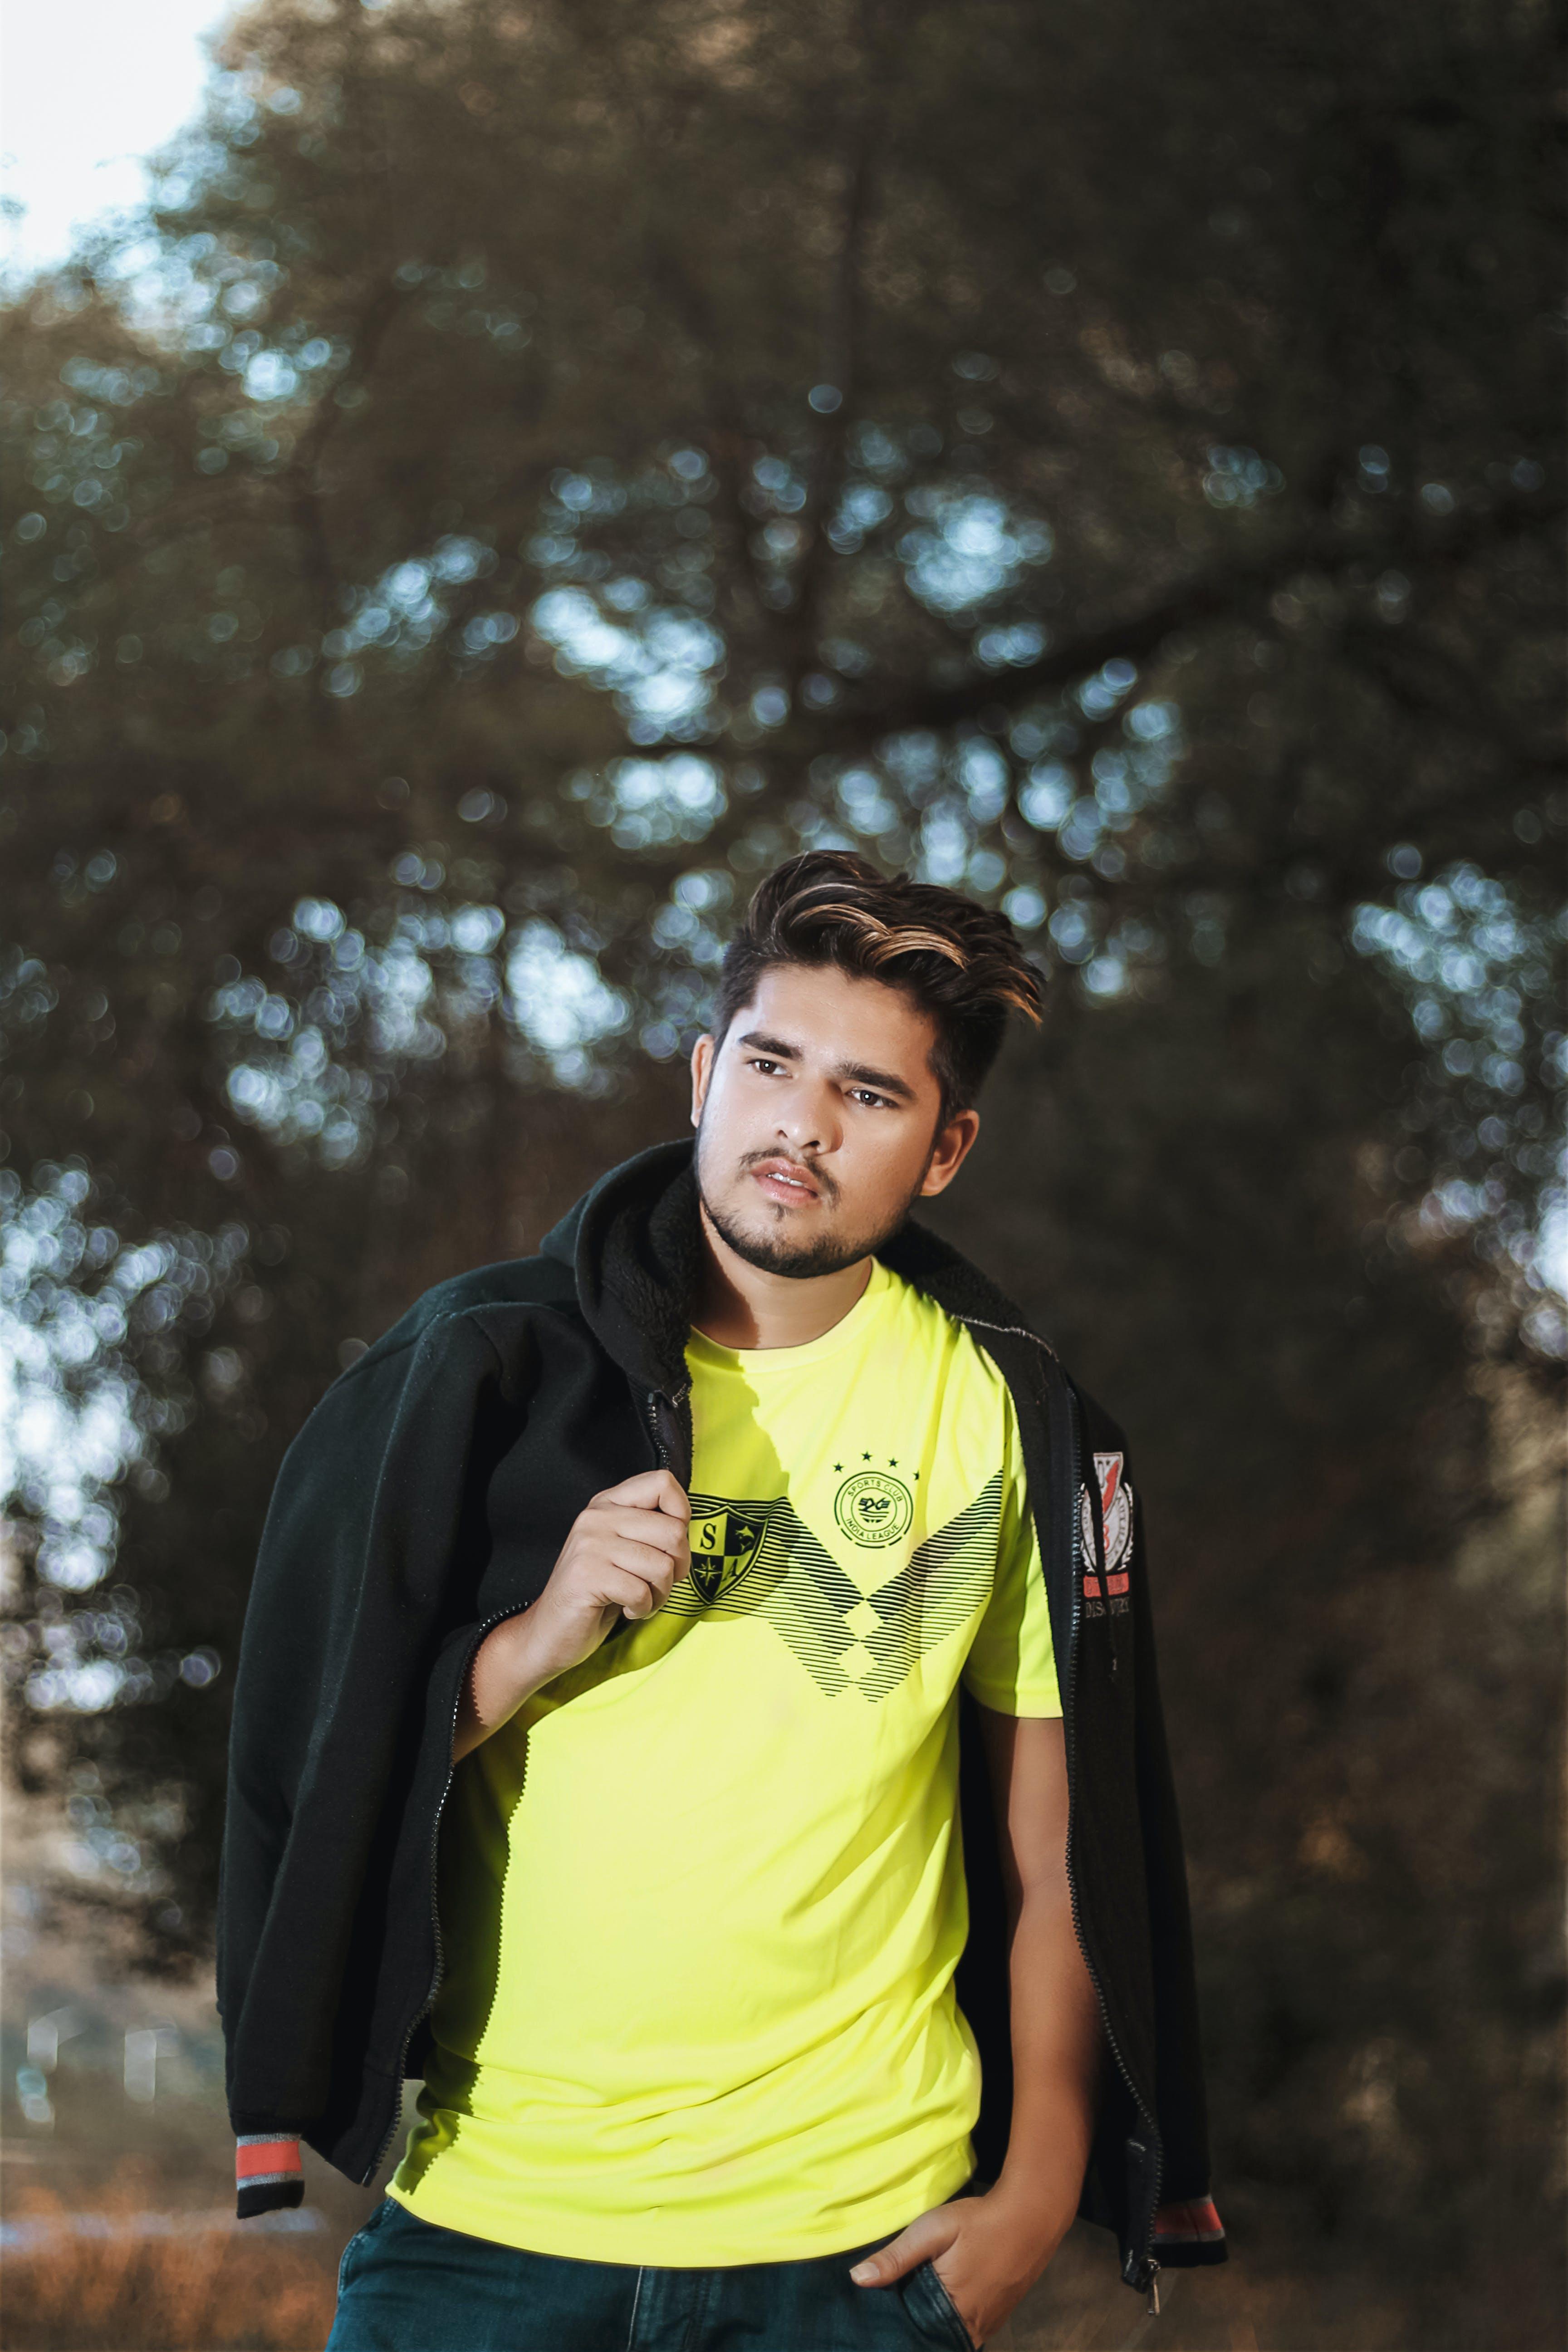 Photo of Man Carrying Black Jacket Posing